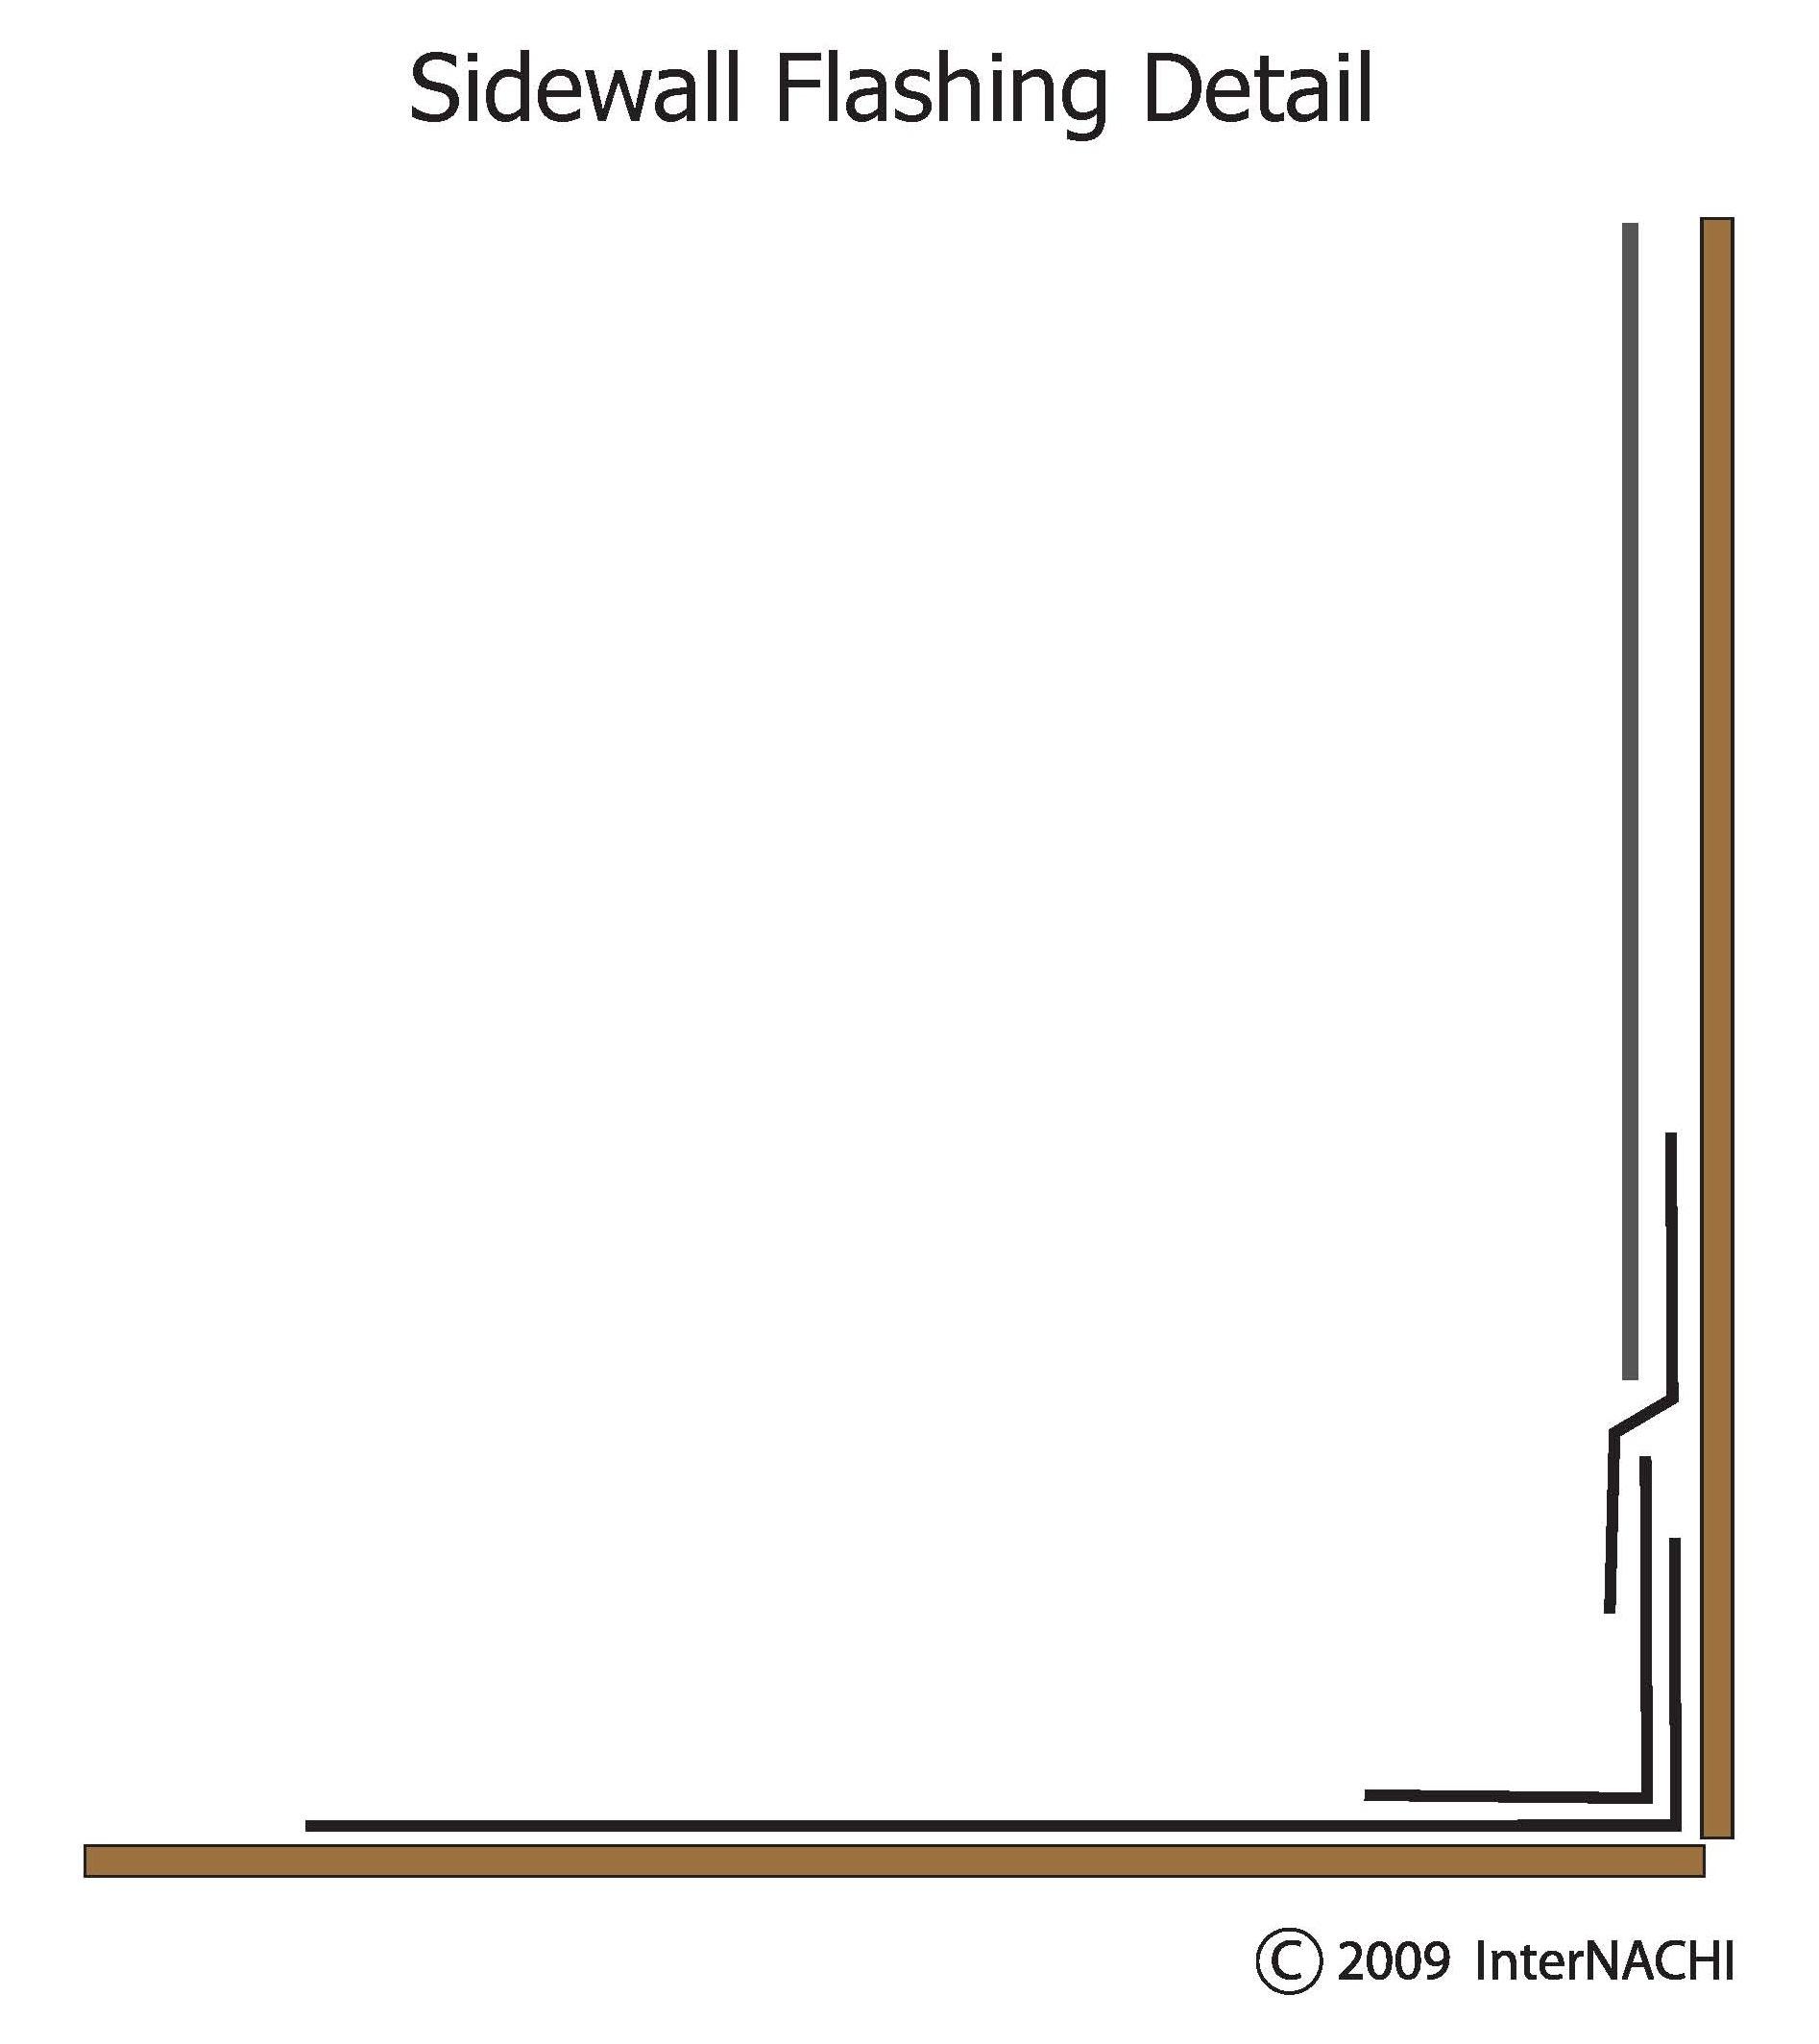 Sidewall flashing detail (no text).